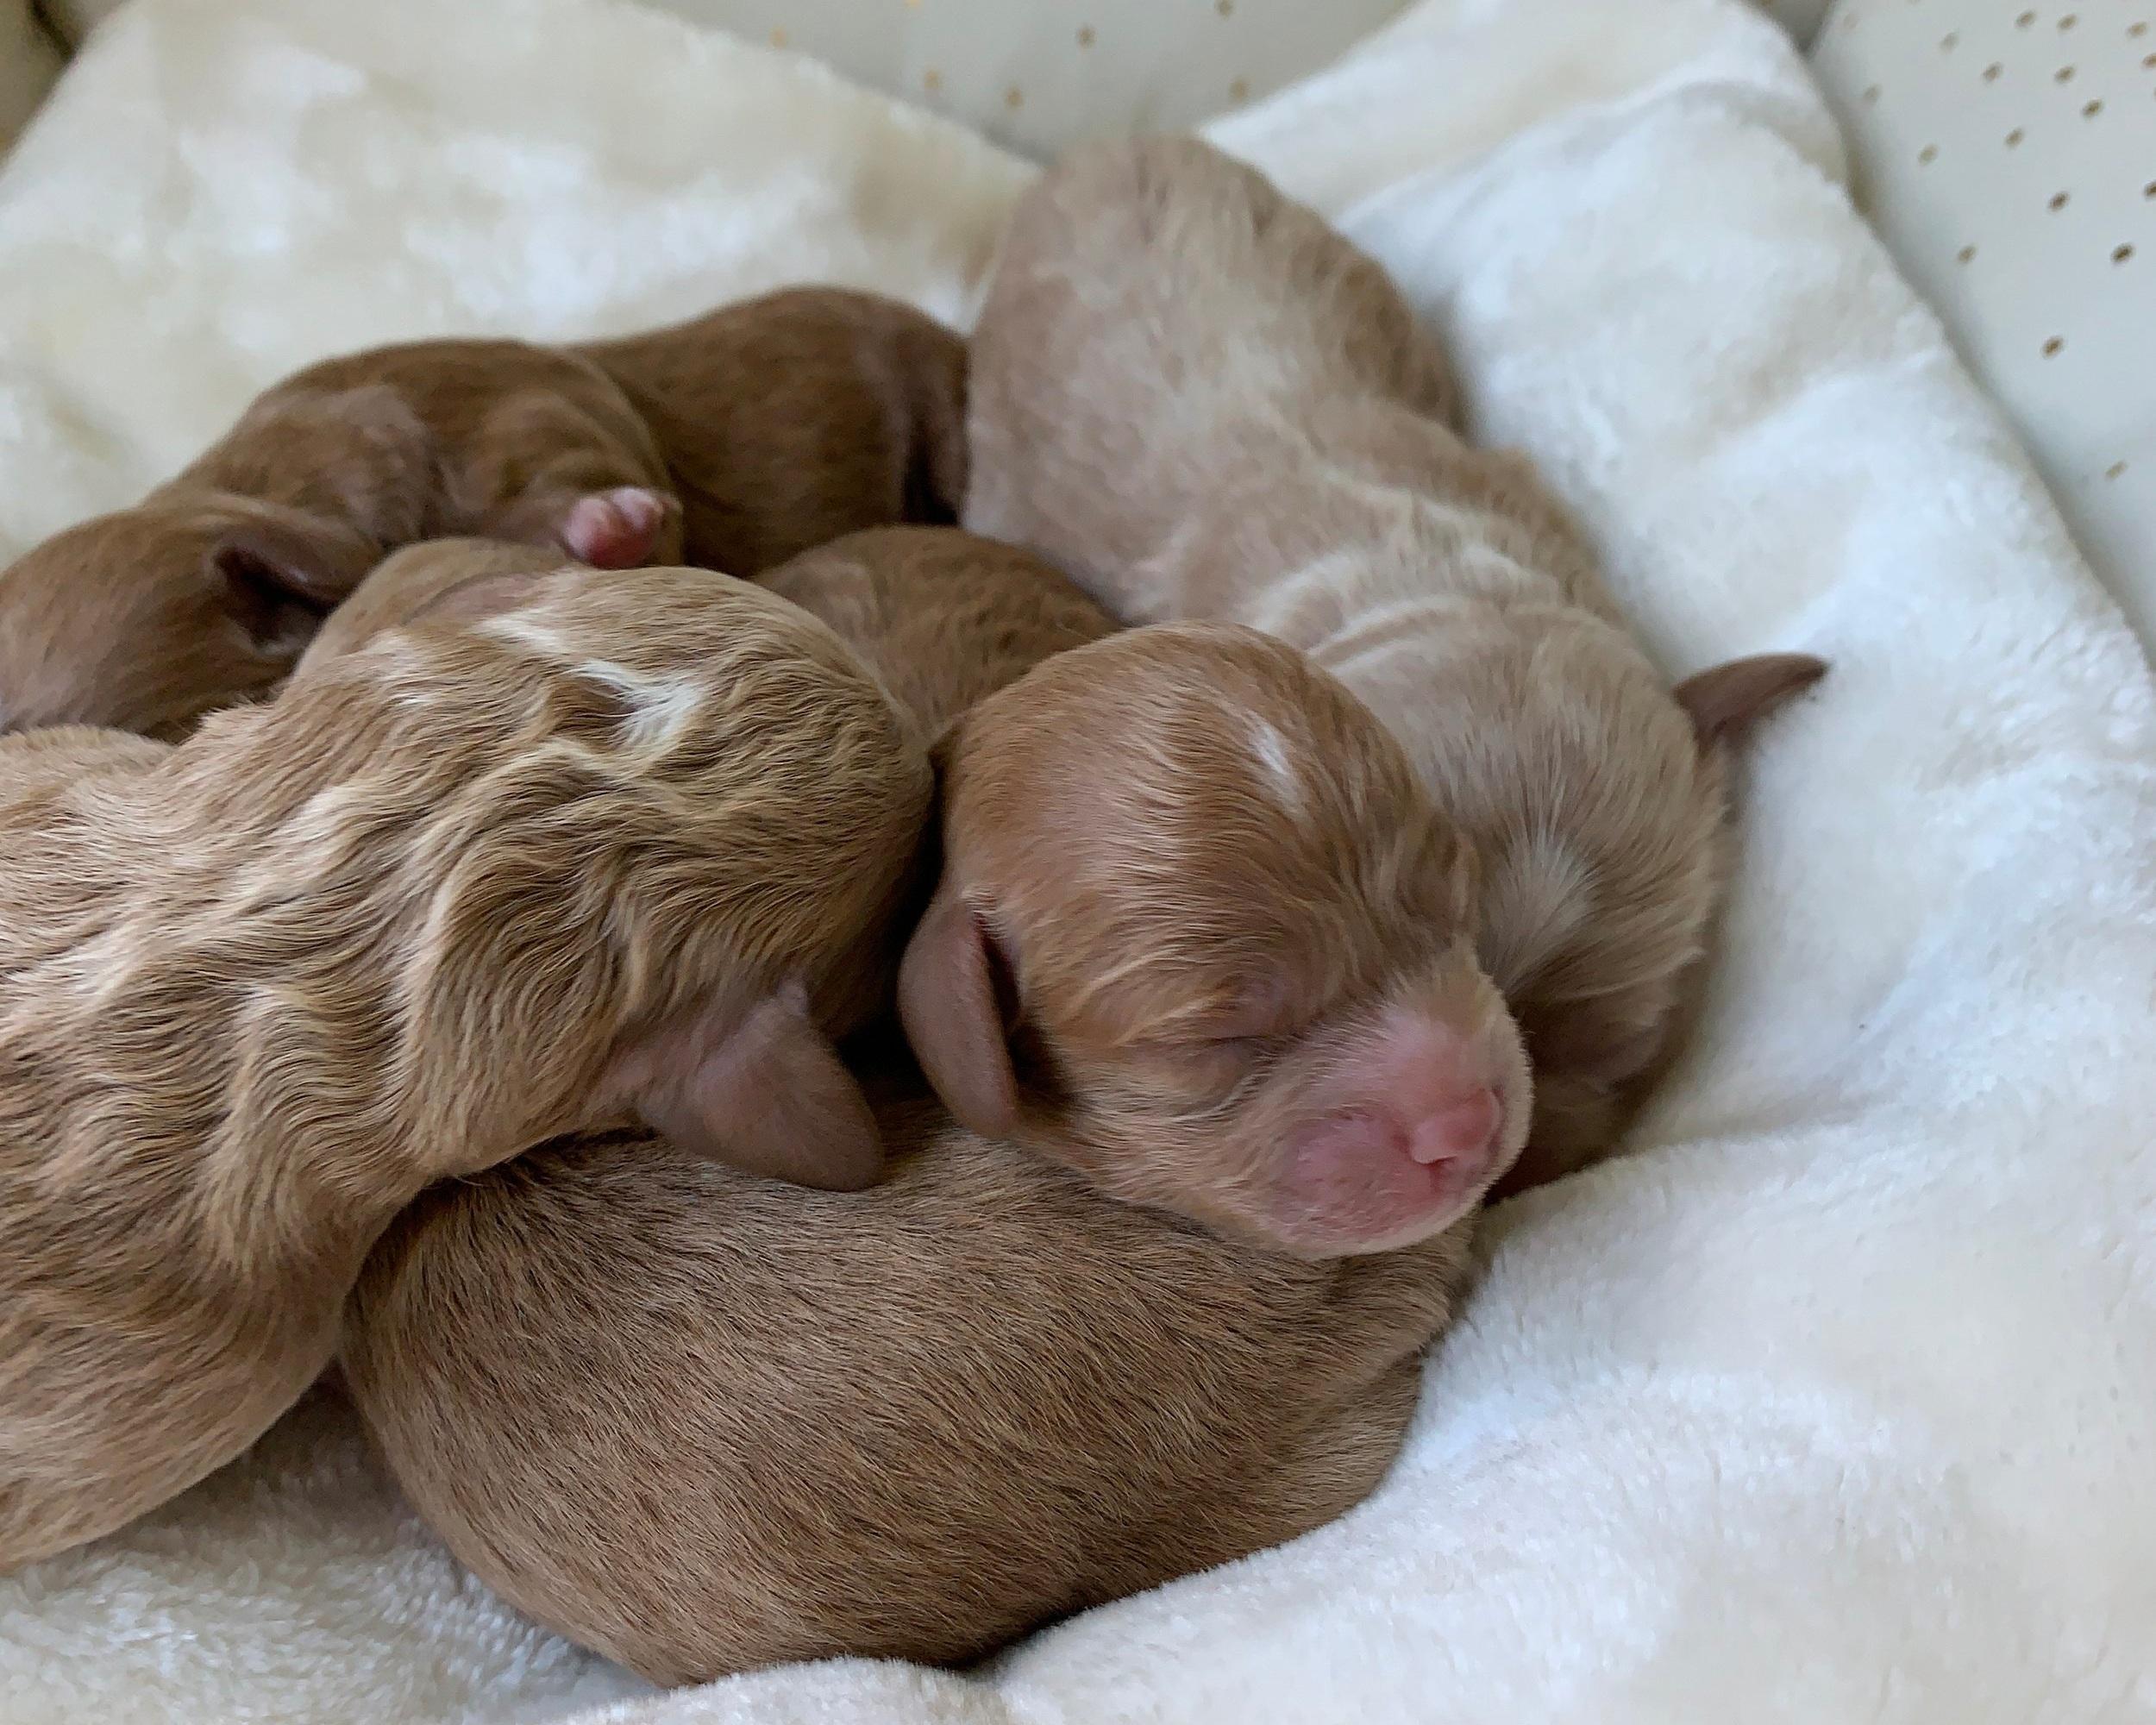 Cavapoochon babies